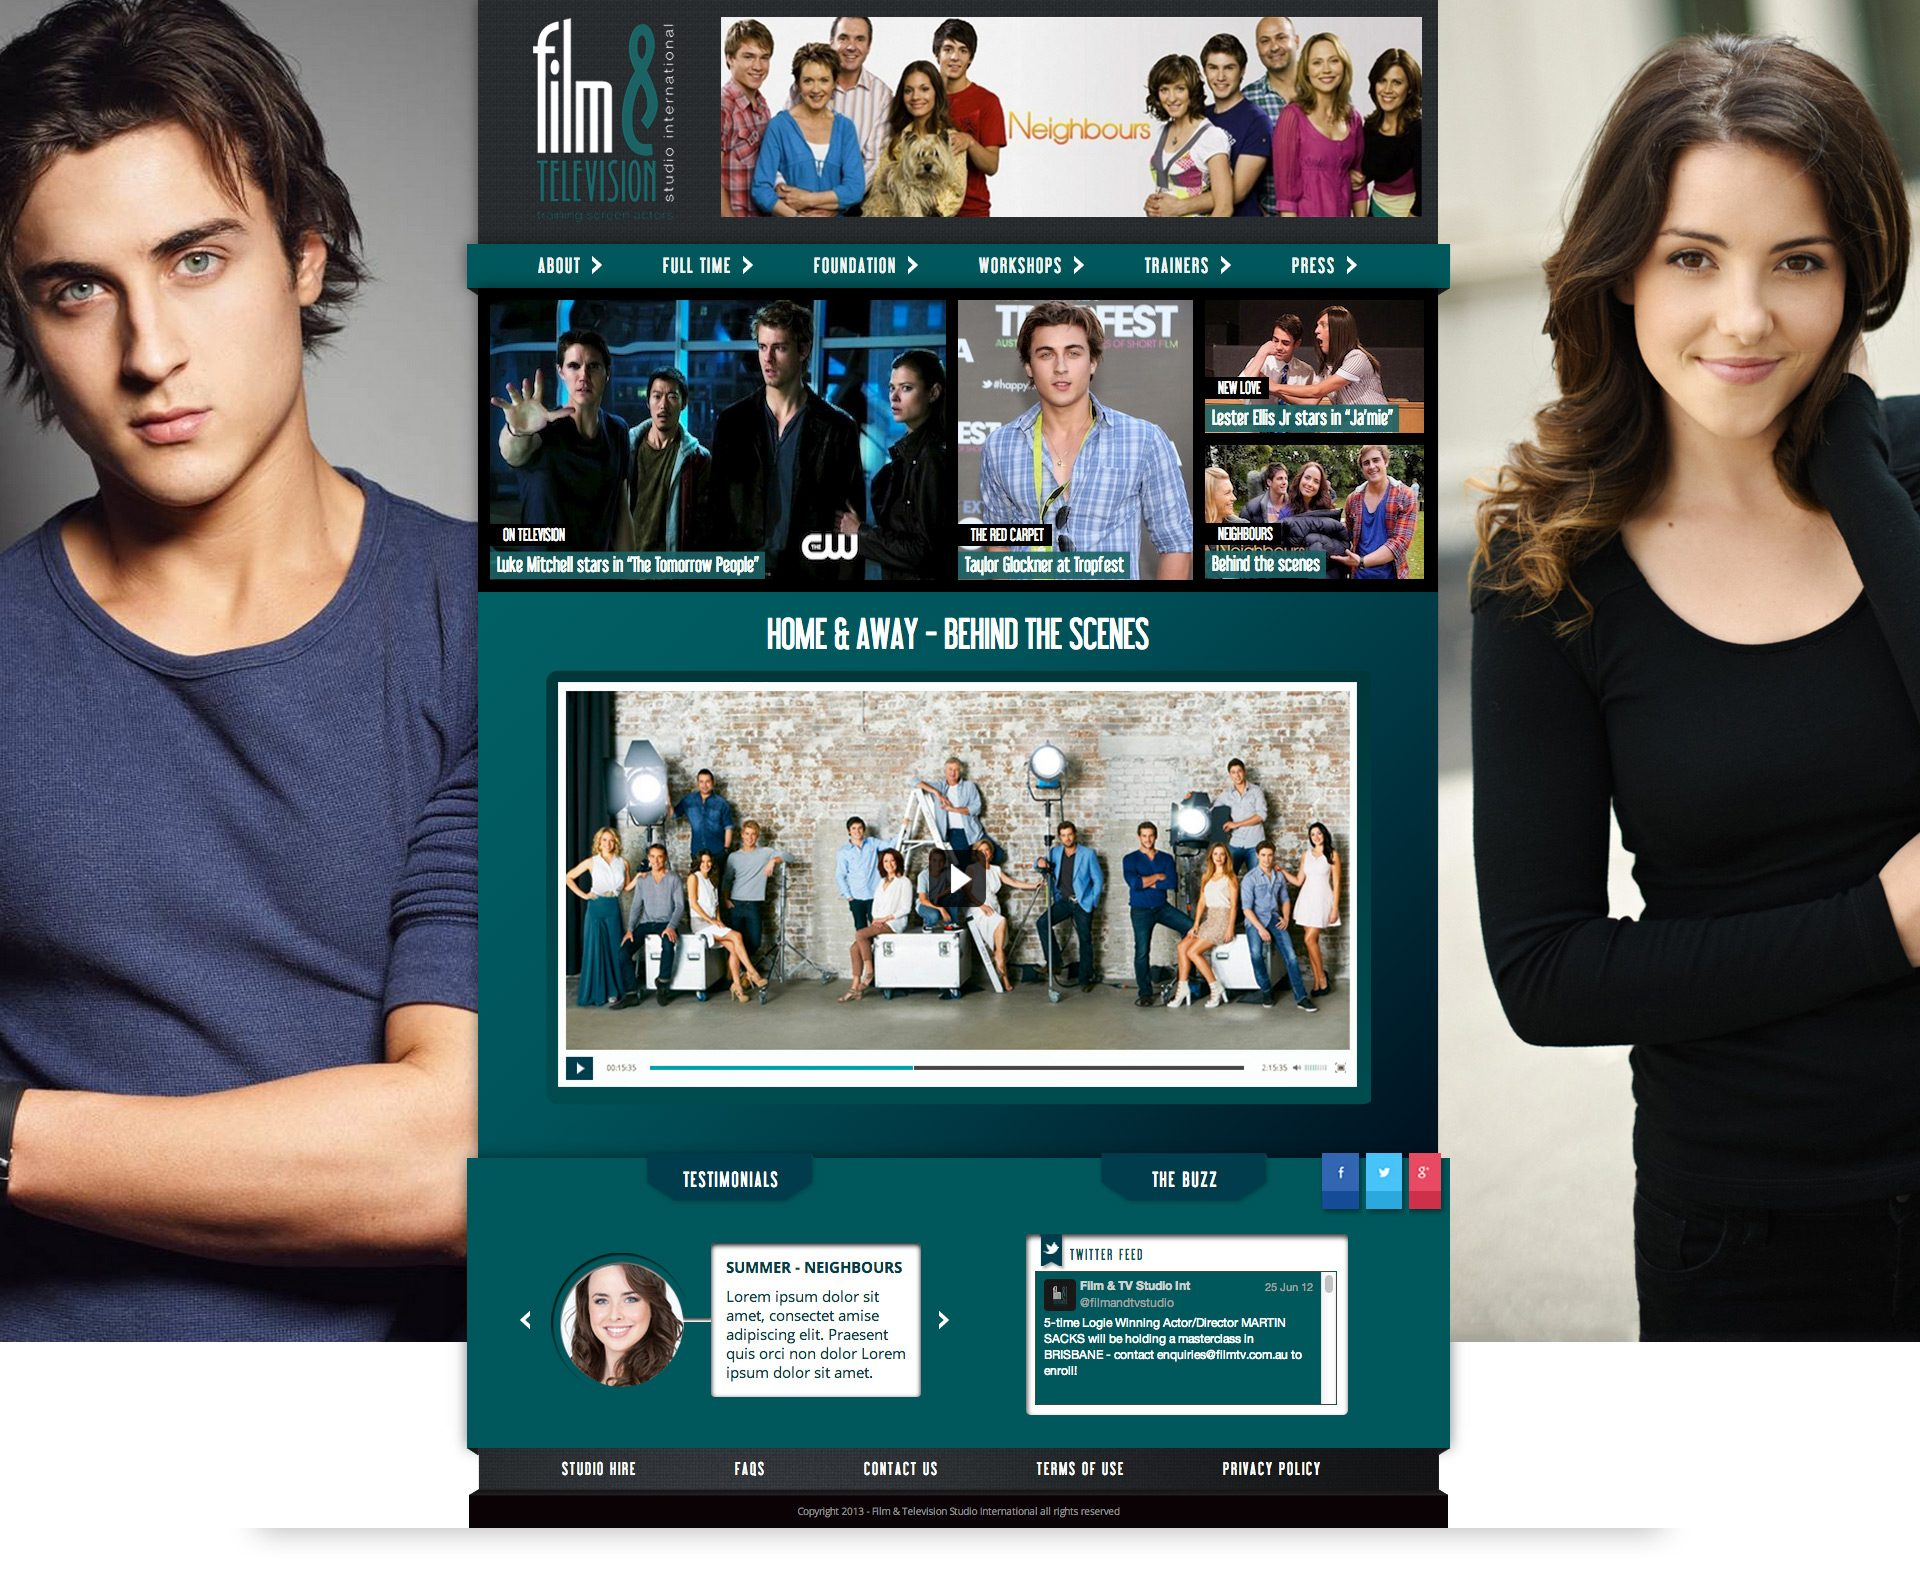 53fa9aaadb72cbf854d4ba31_FilmTV-ProjectPart-1.jpg